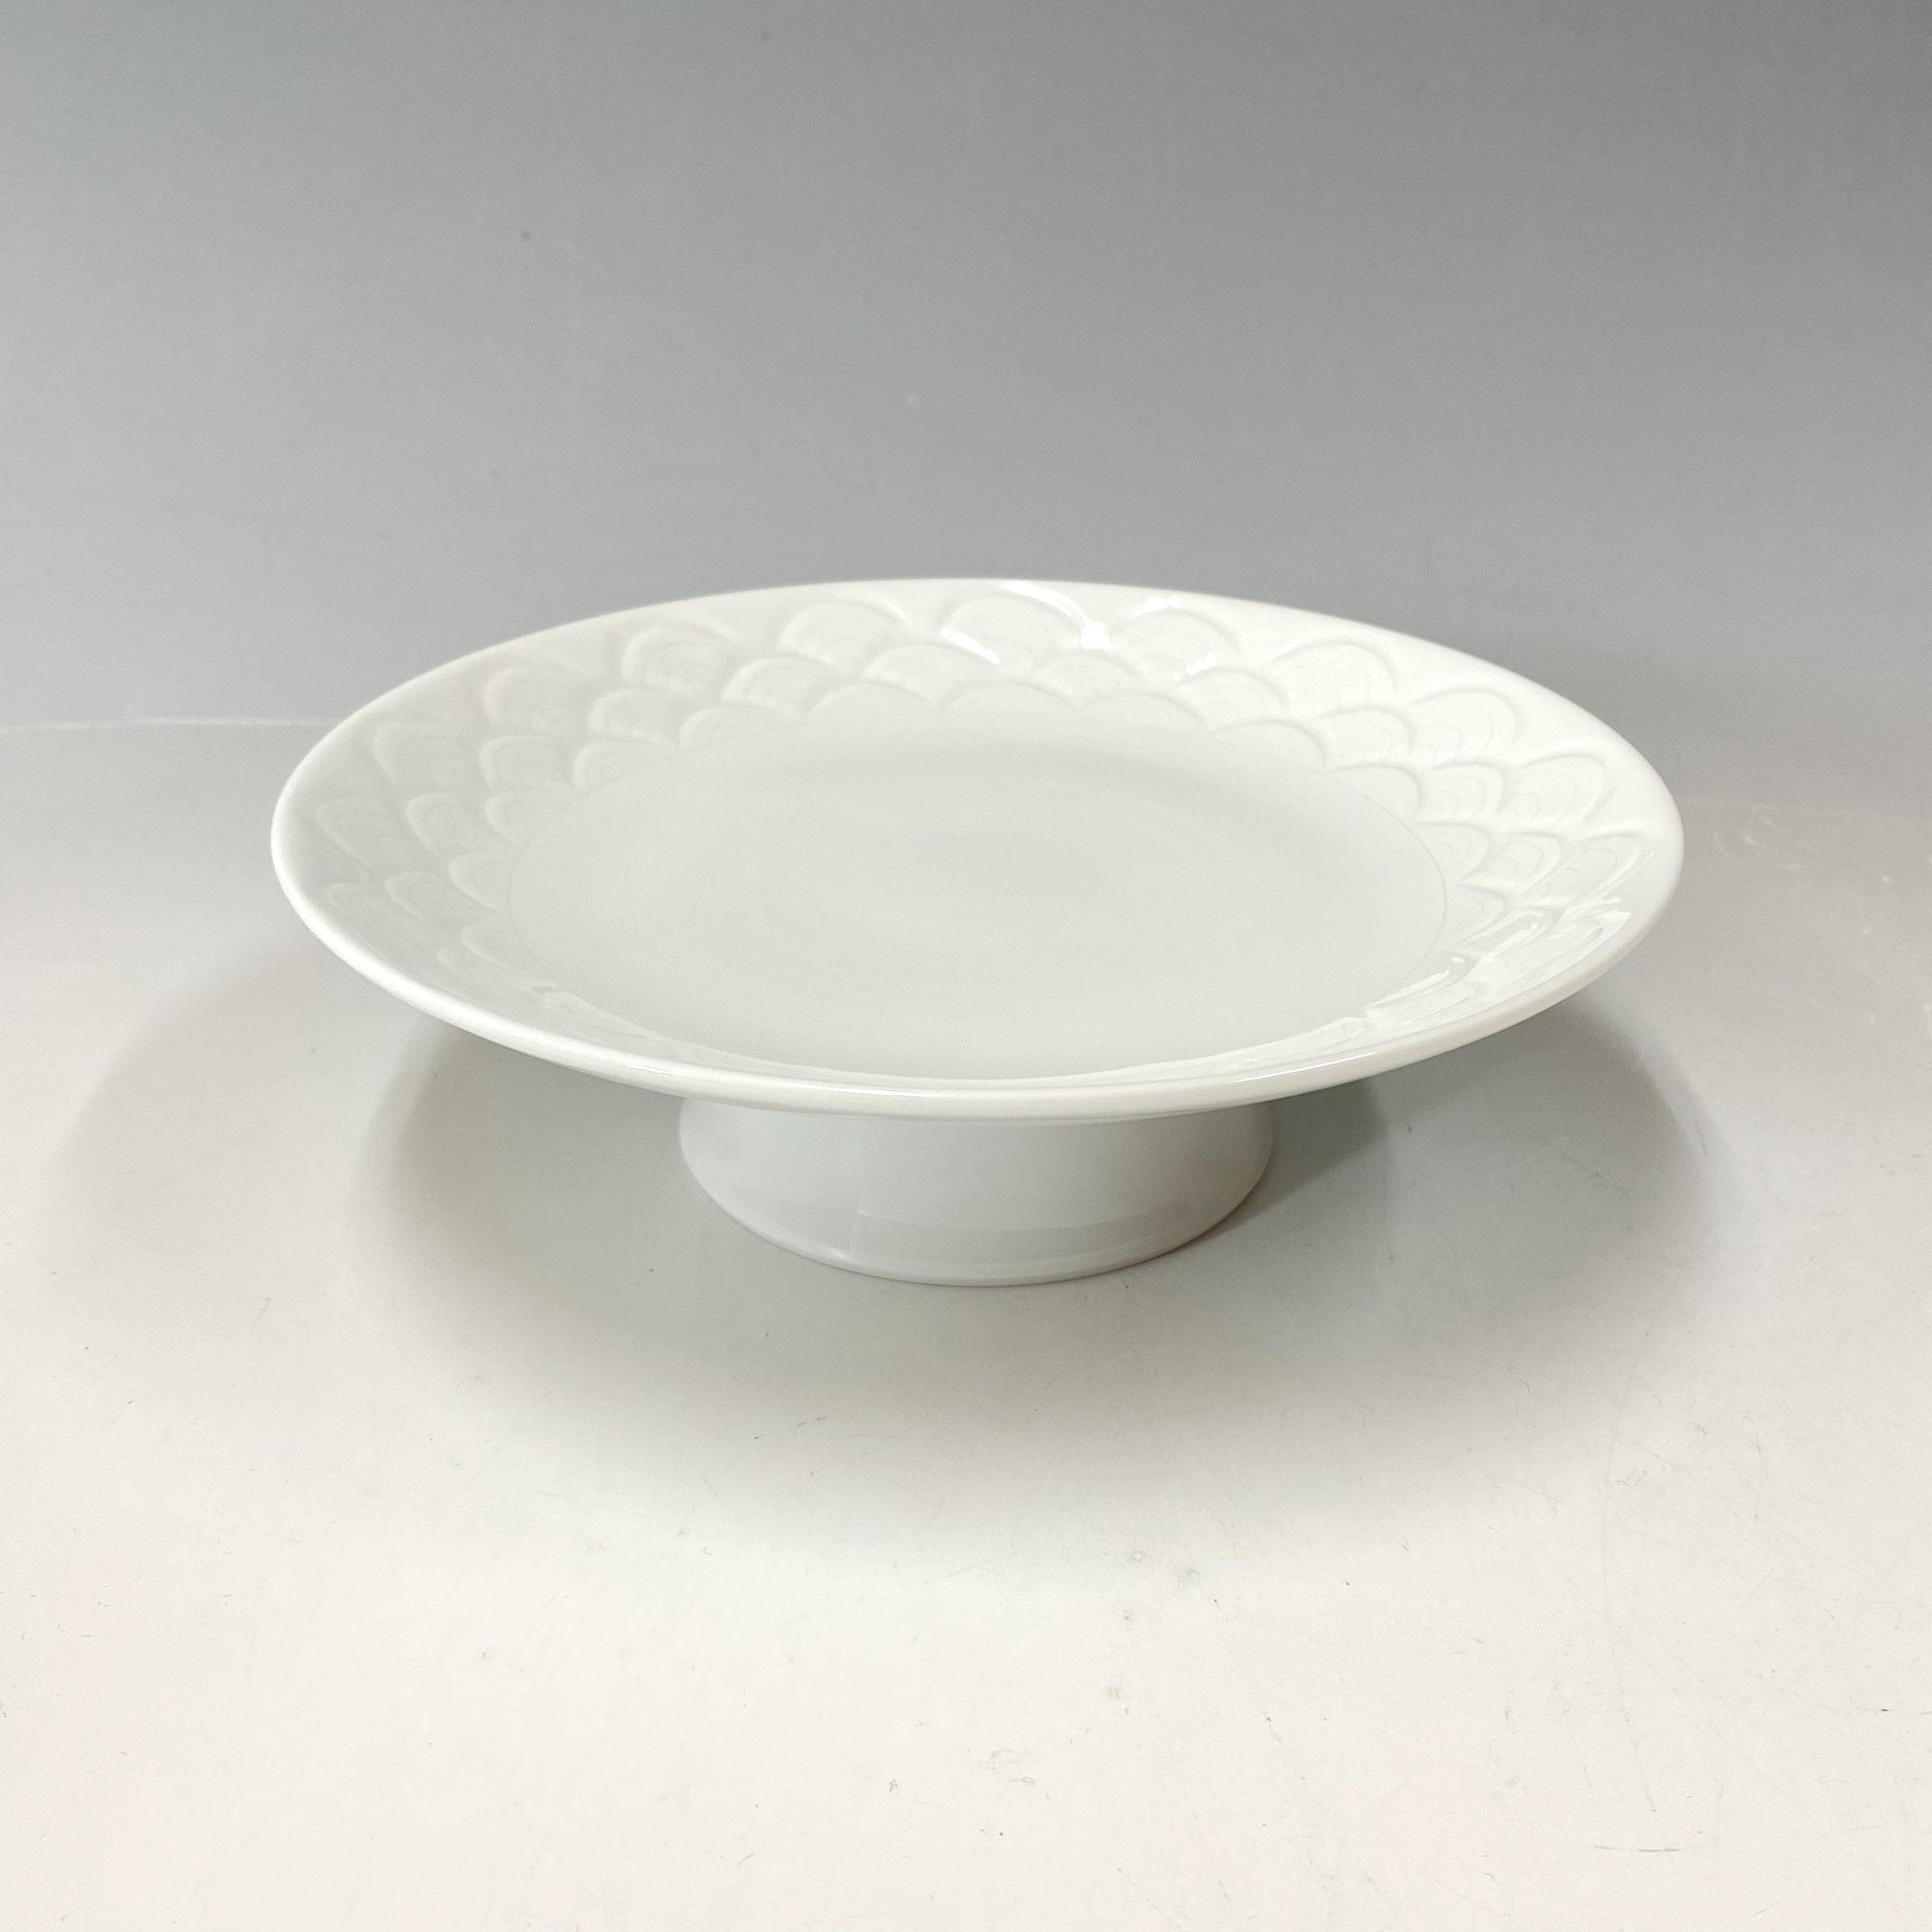 【中尾恭純】白磁青海波コンポート